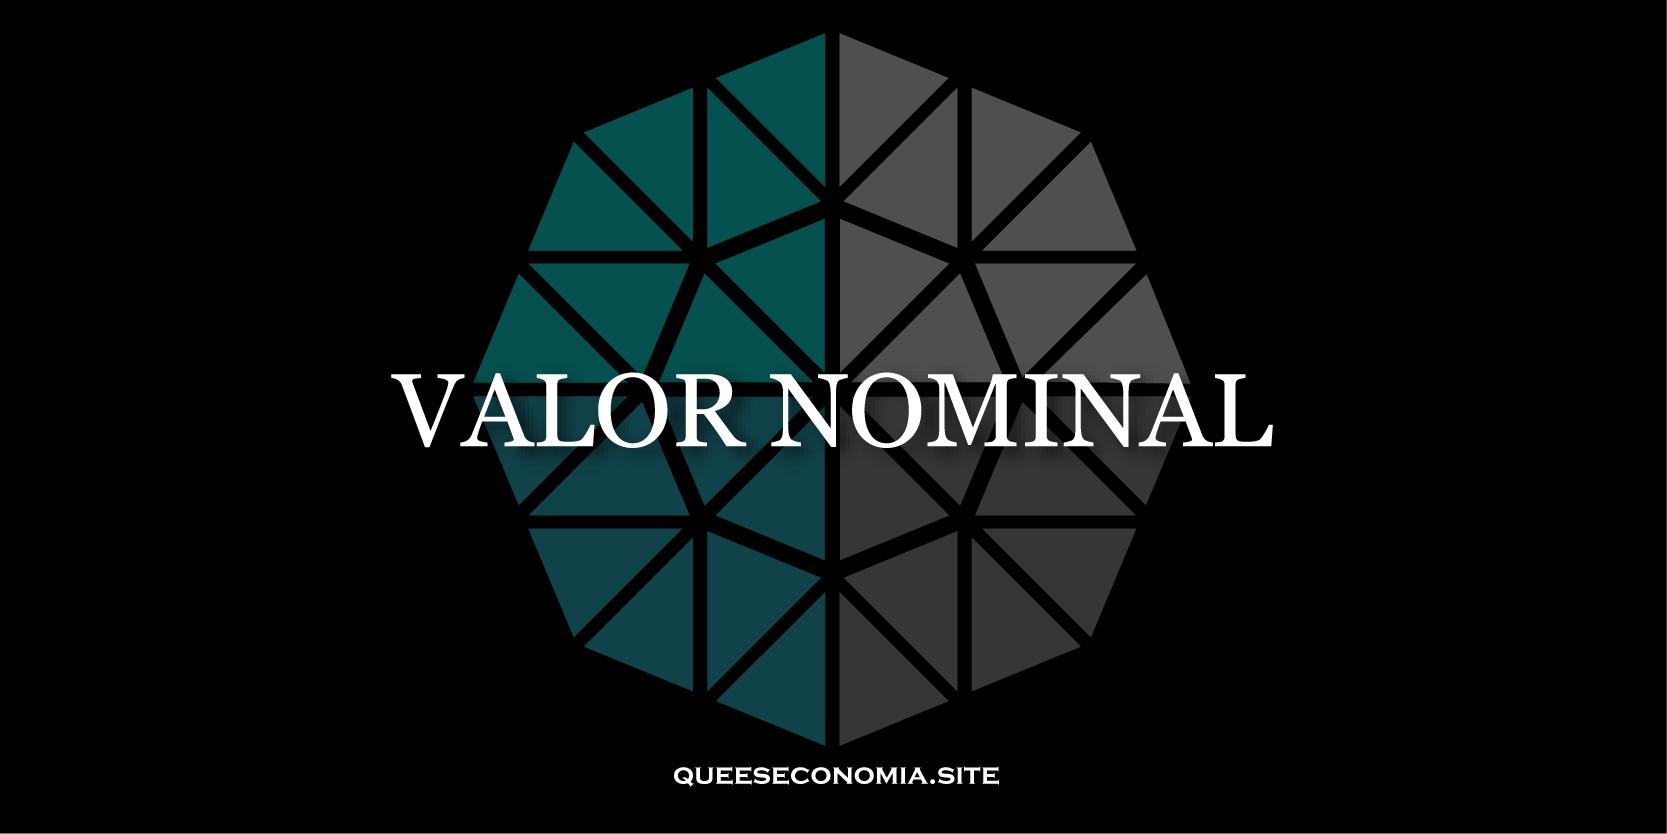 valor nominal